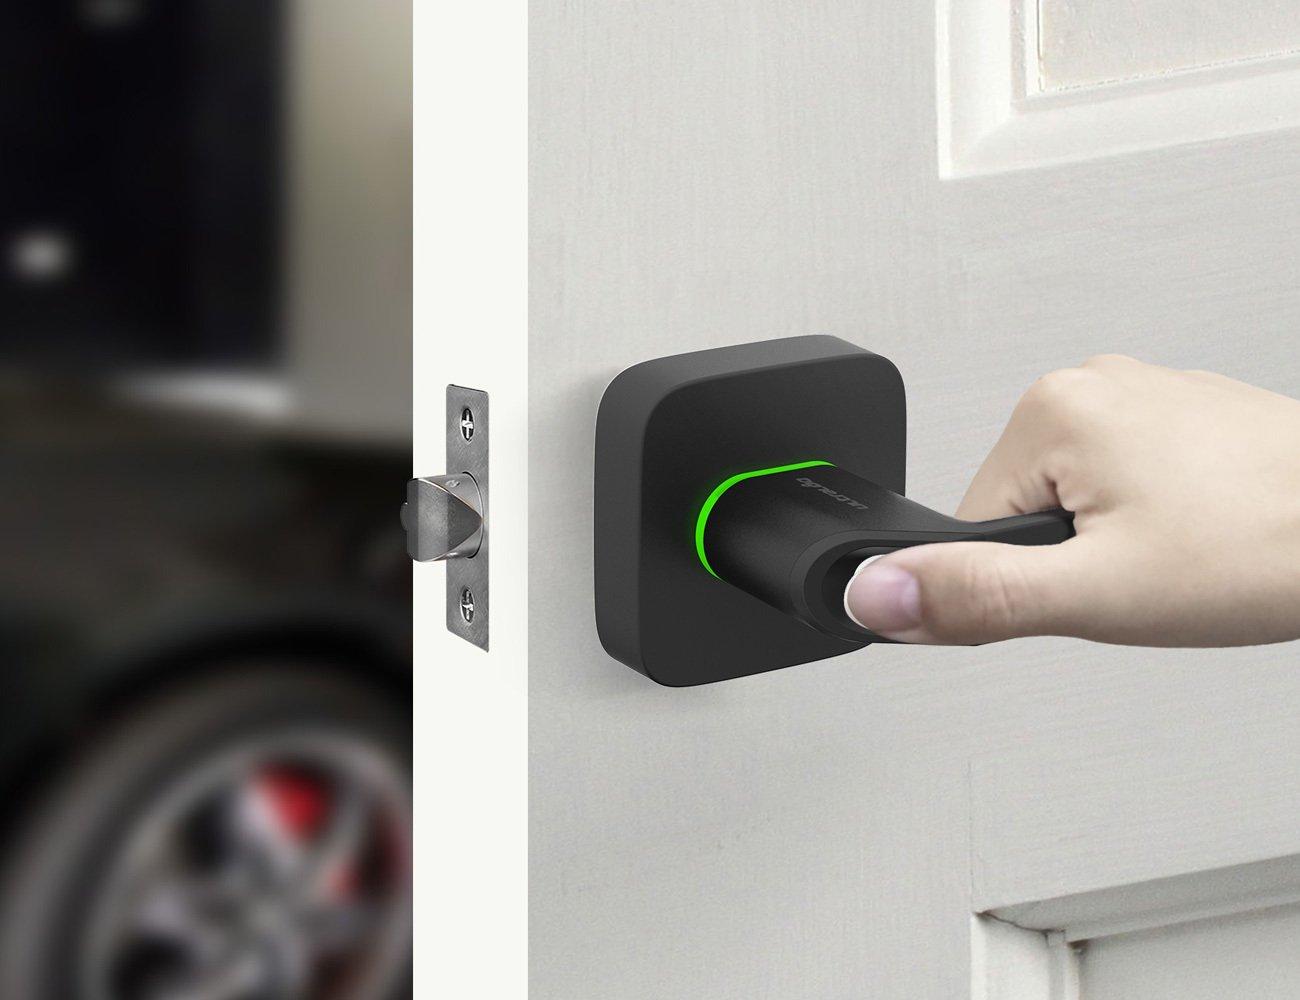 Ultraloq 3 In 1 Fingerprint Smart Lock 187 Gadget Flow